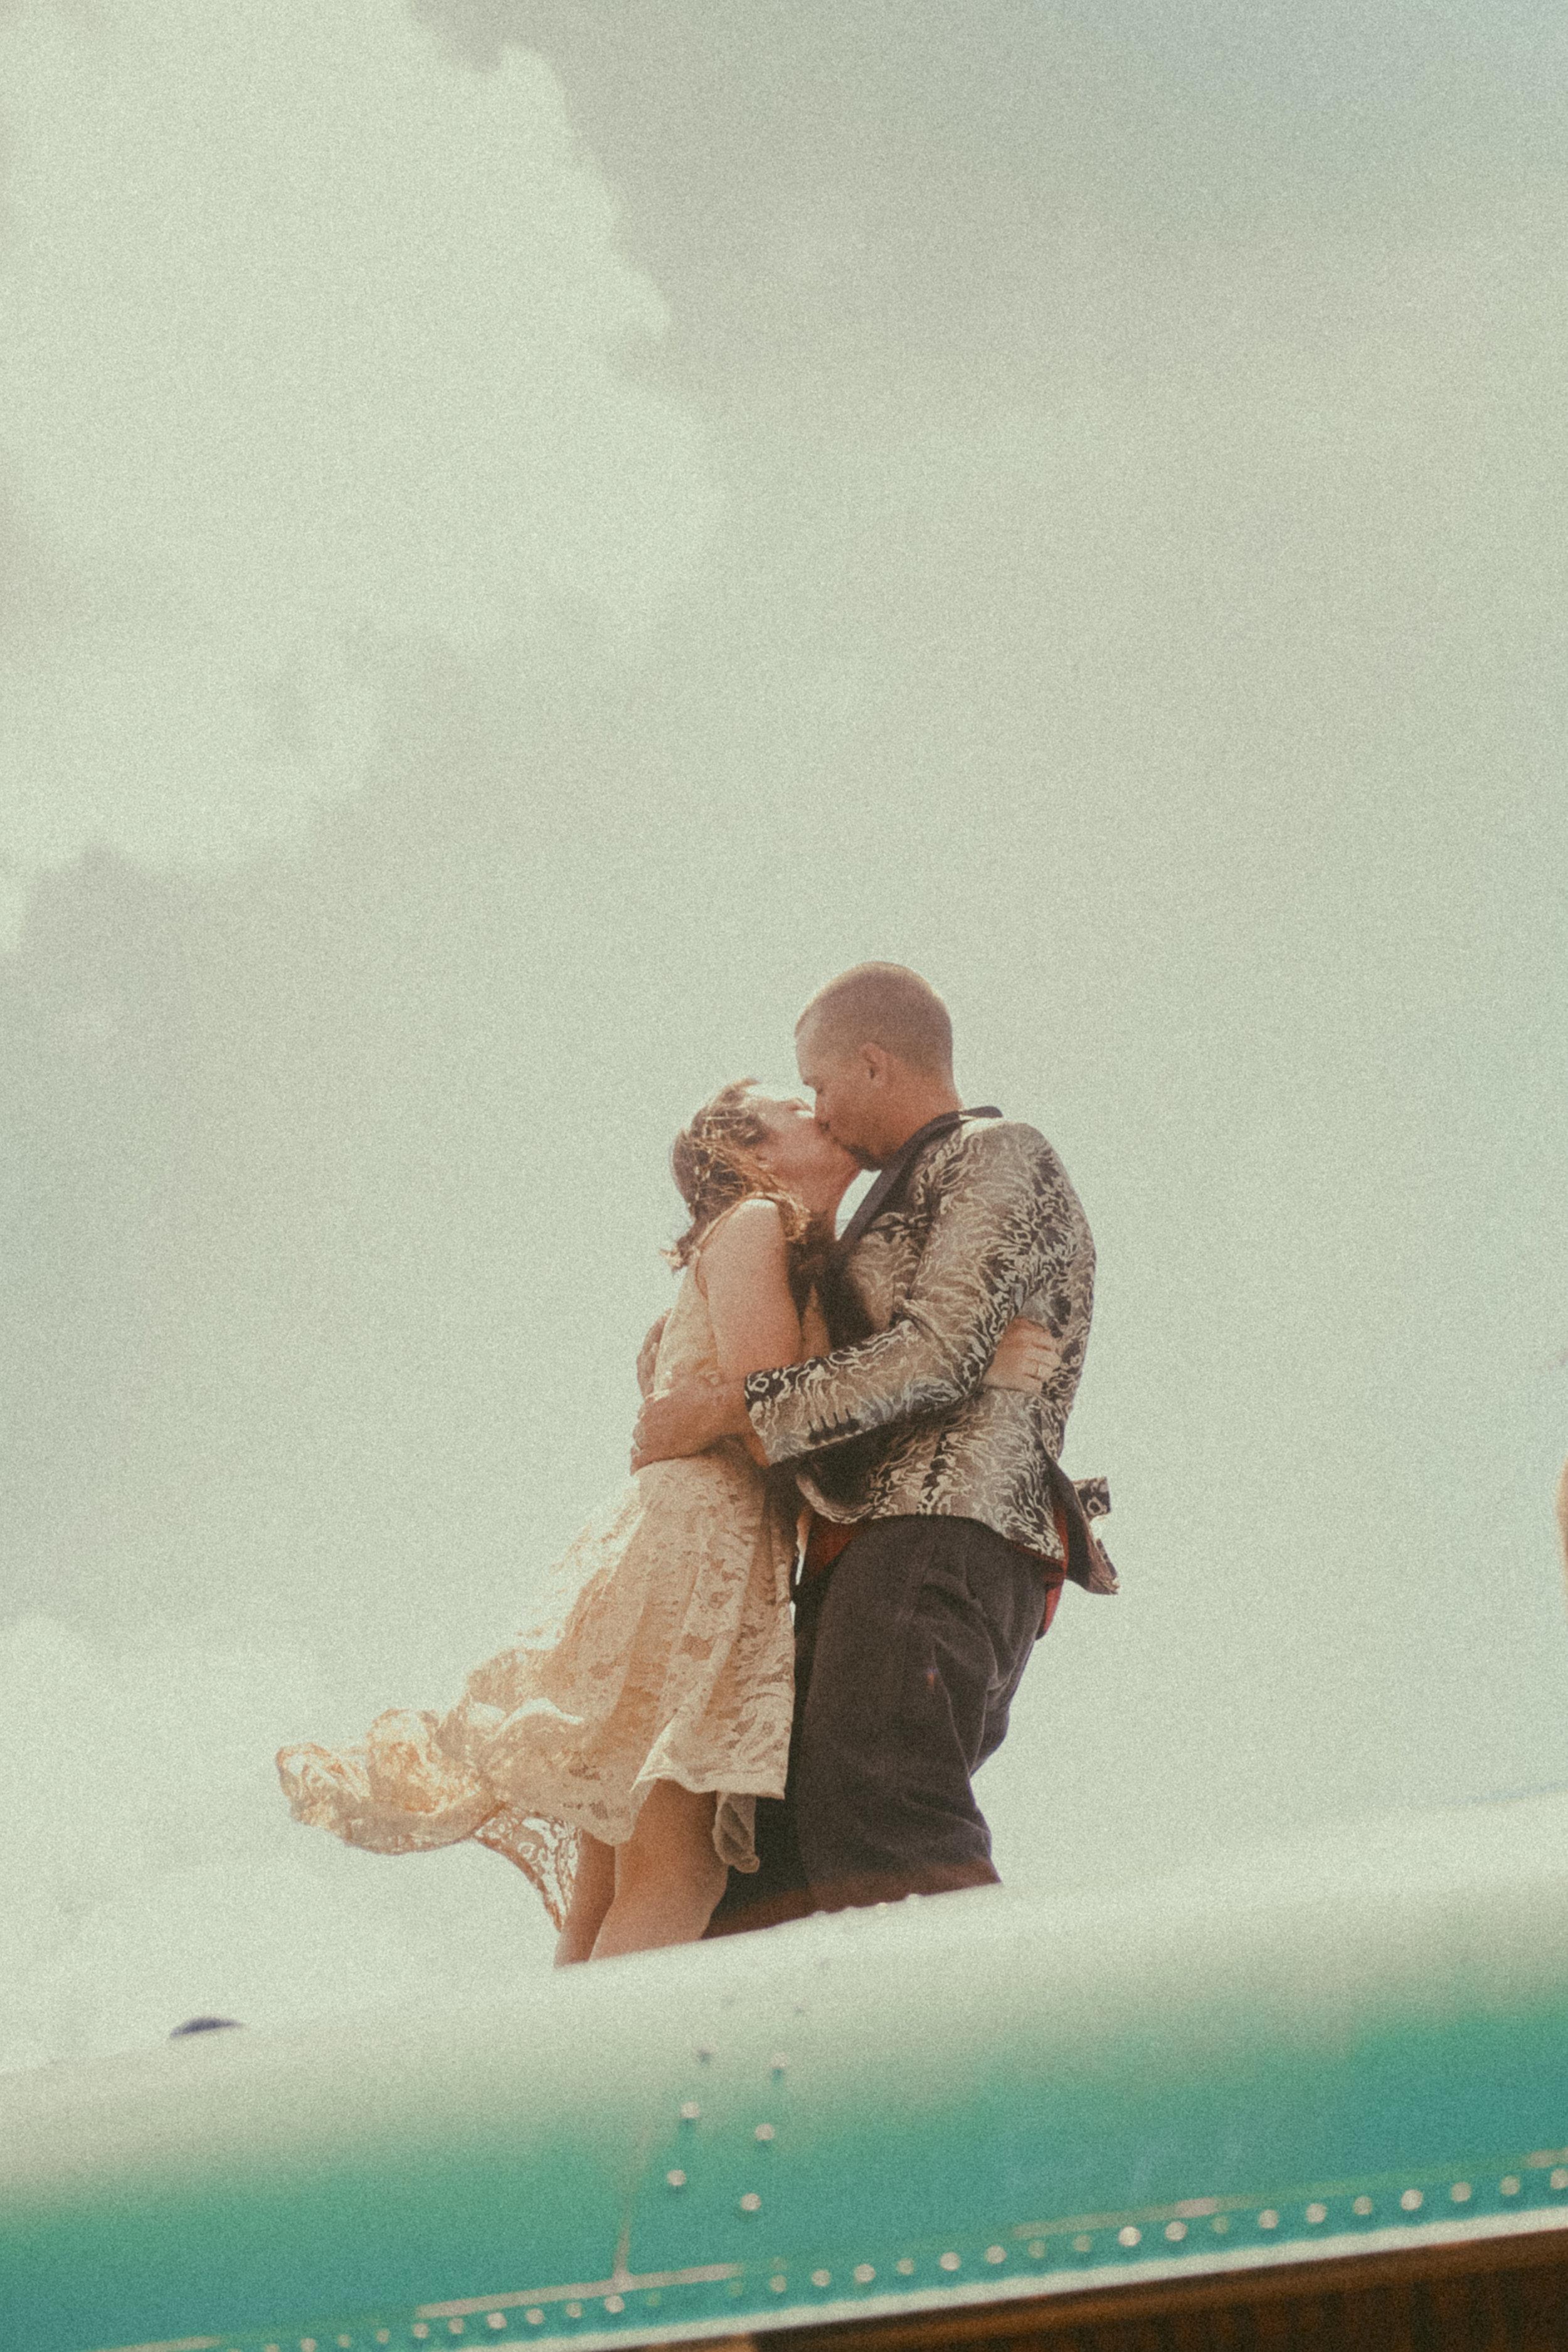 Bonnaroo-MusicFestivalWedding-Brittany&Kevin-29.jpg